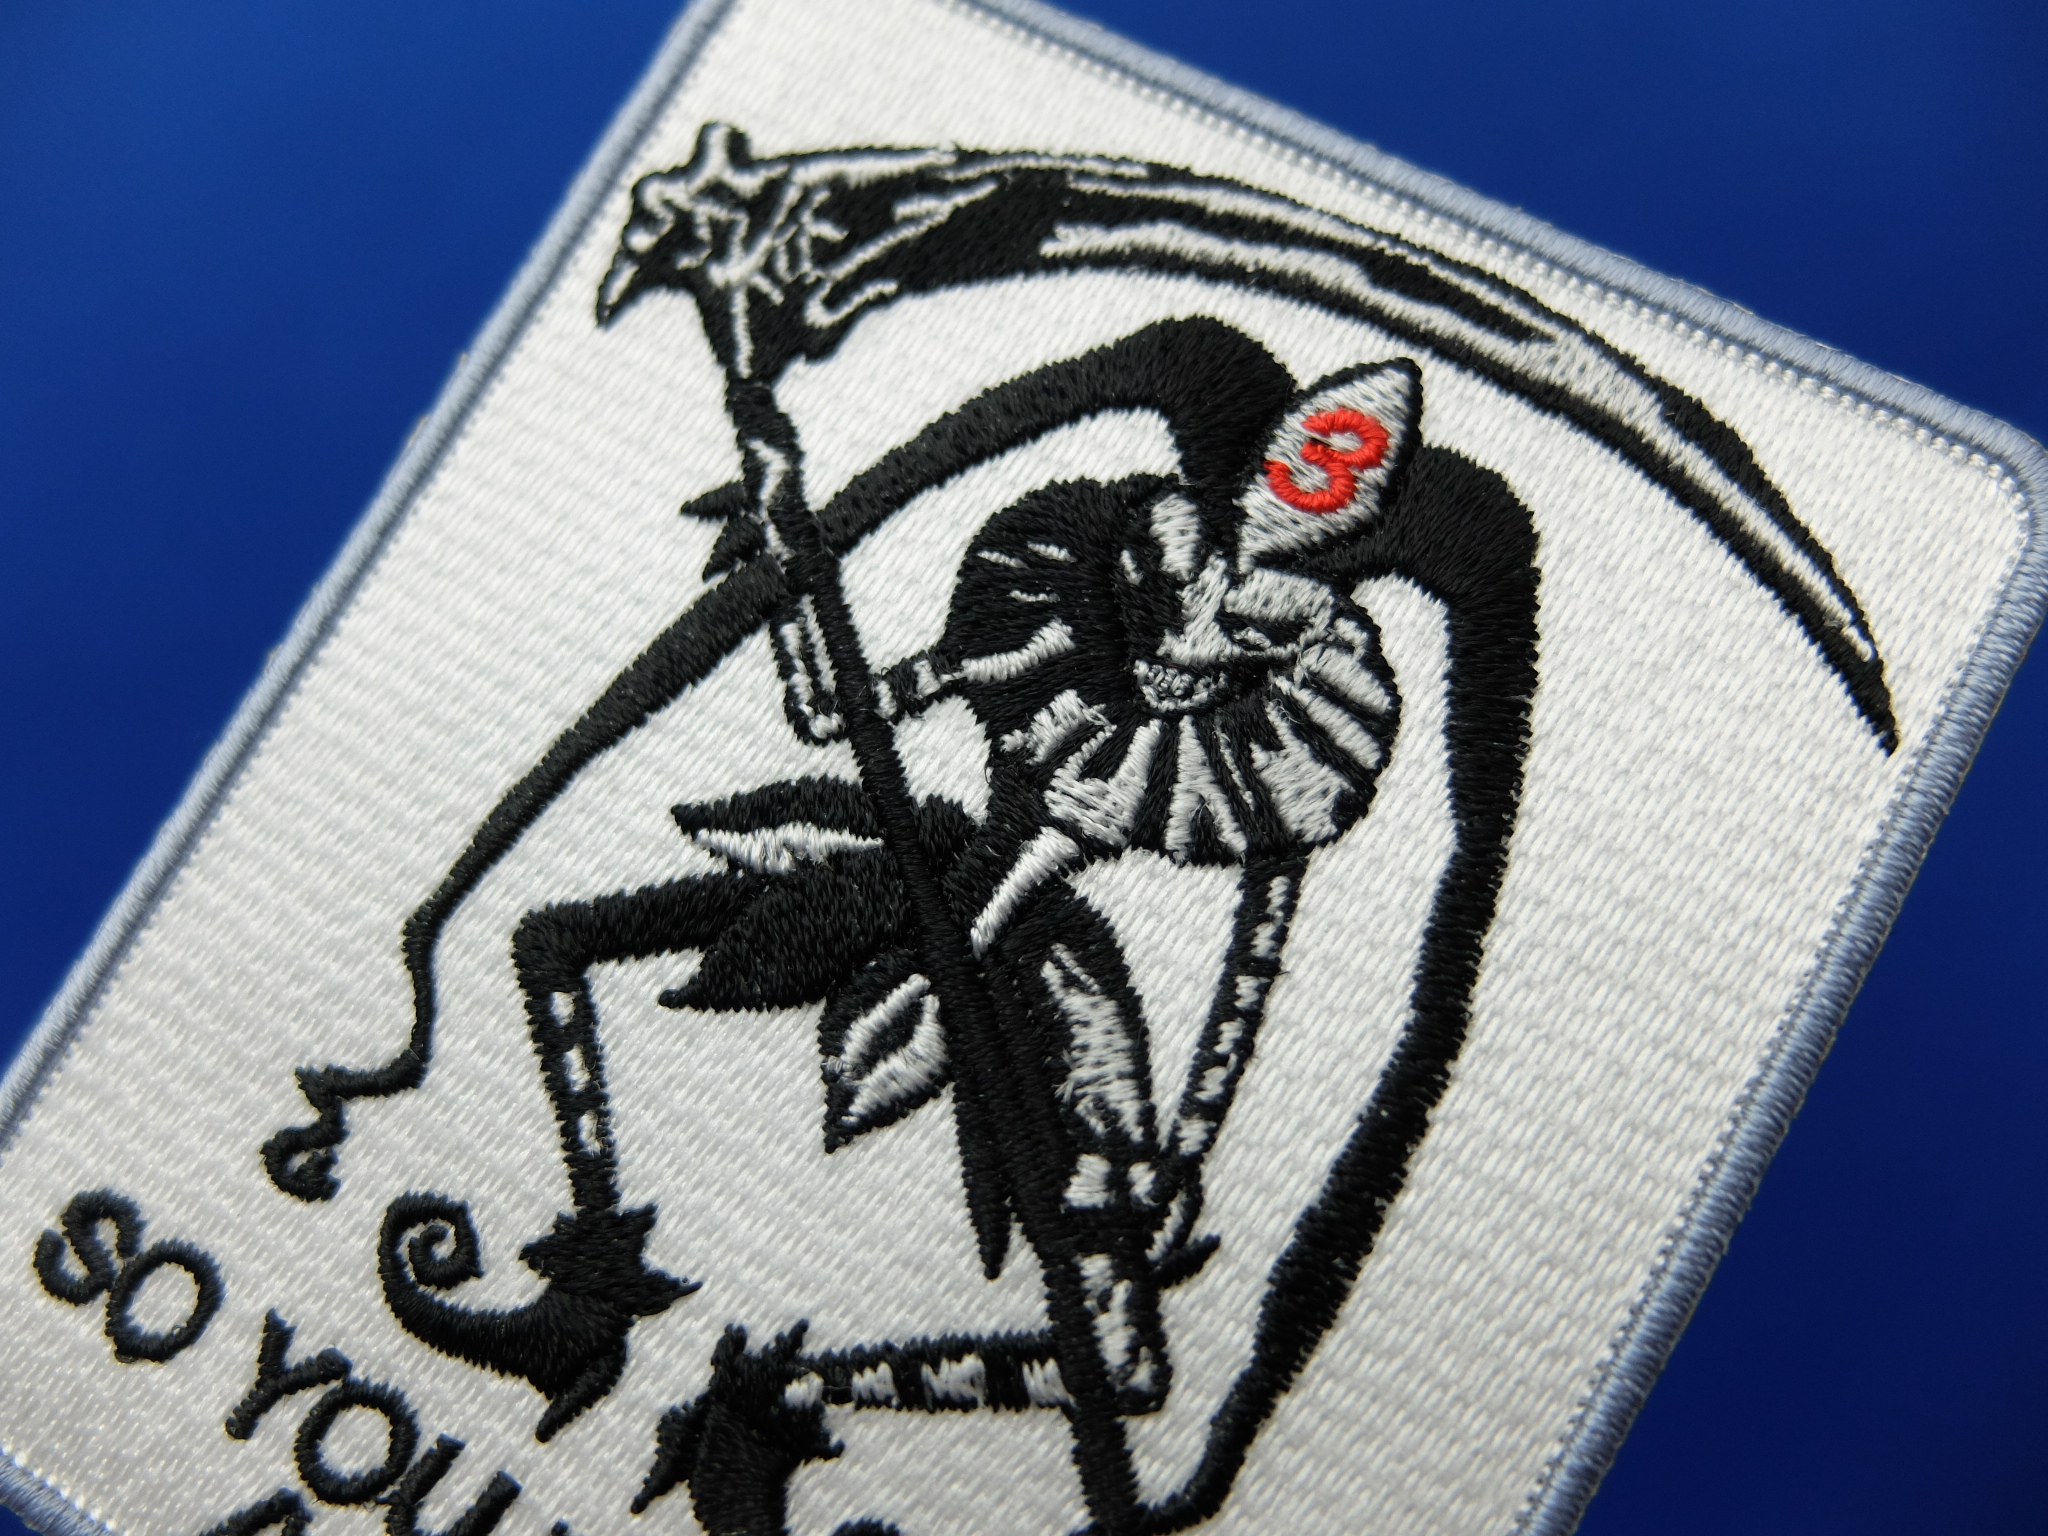 ワッペン ベルクロ加工 ロゴ刺繍 サバイバルチーム